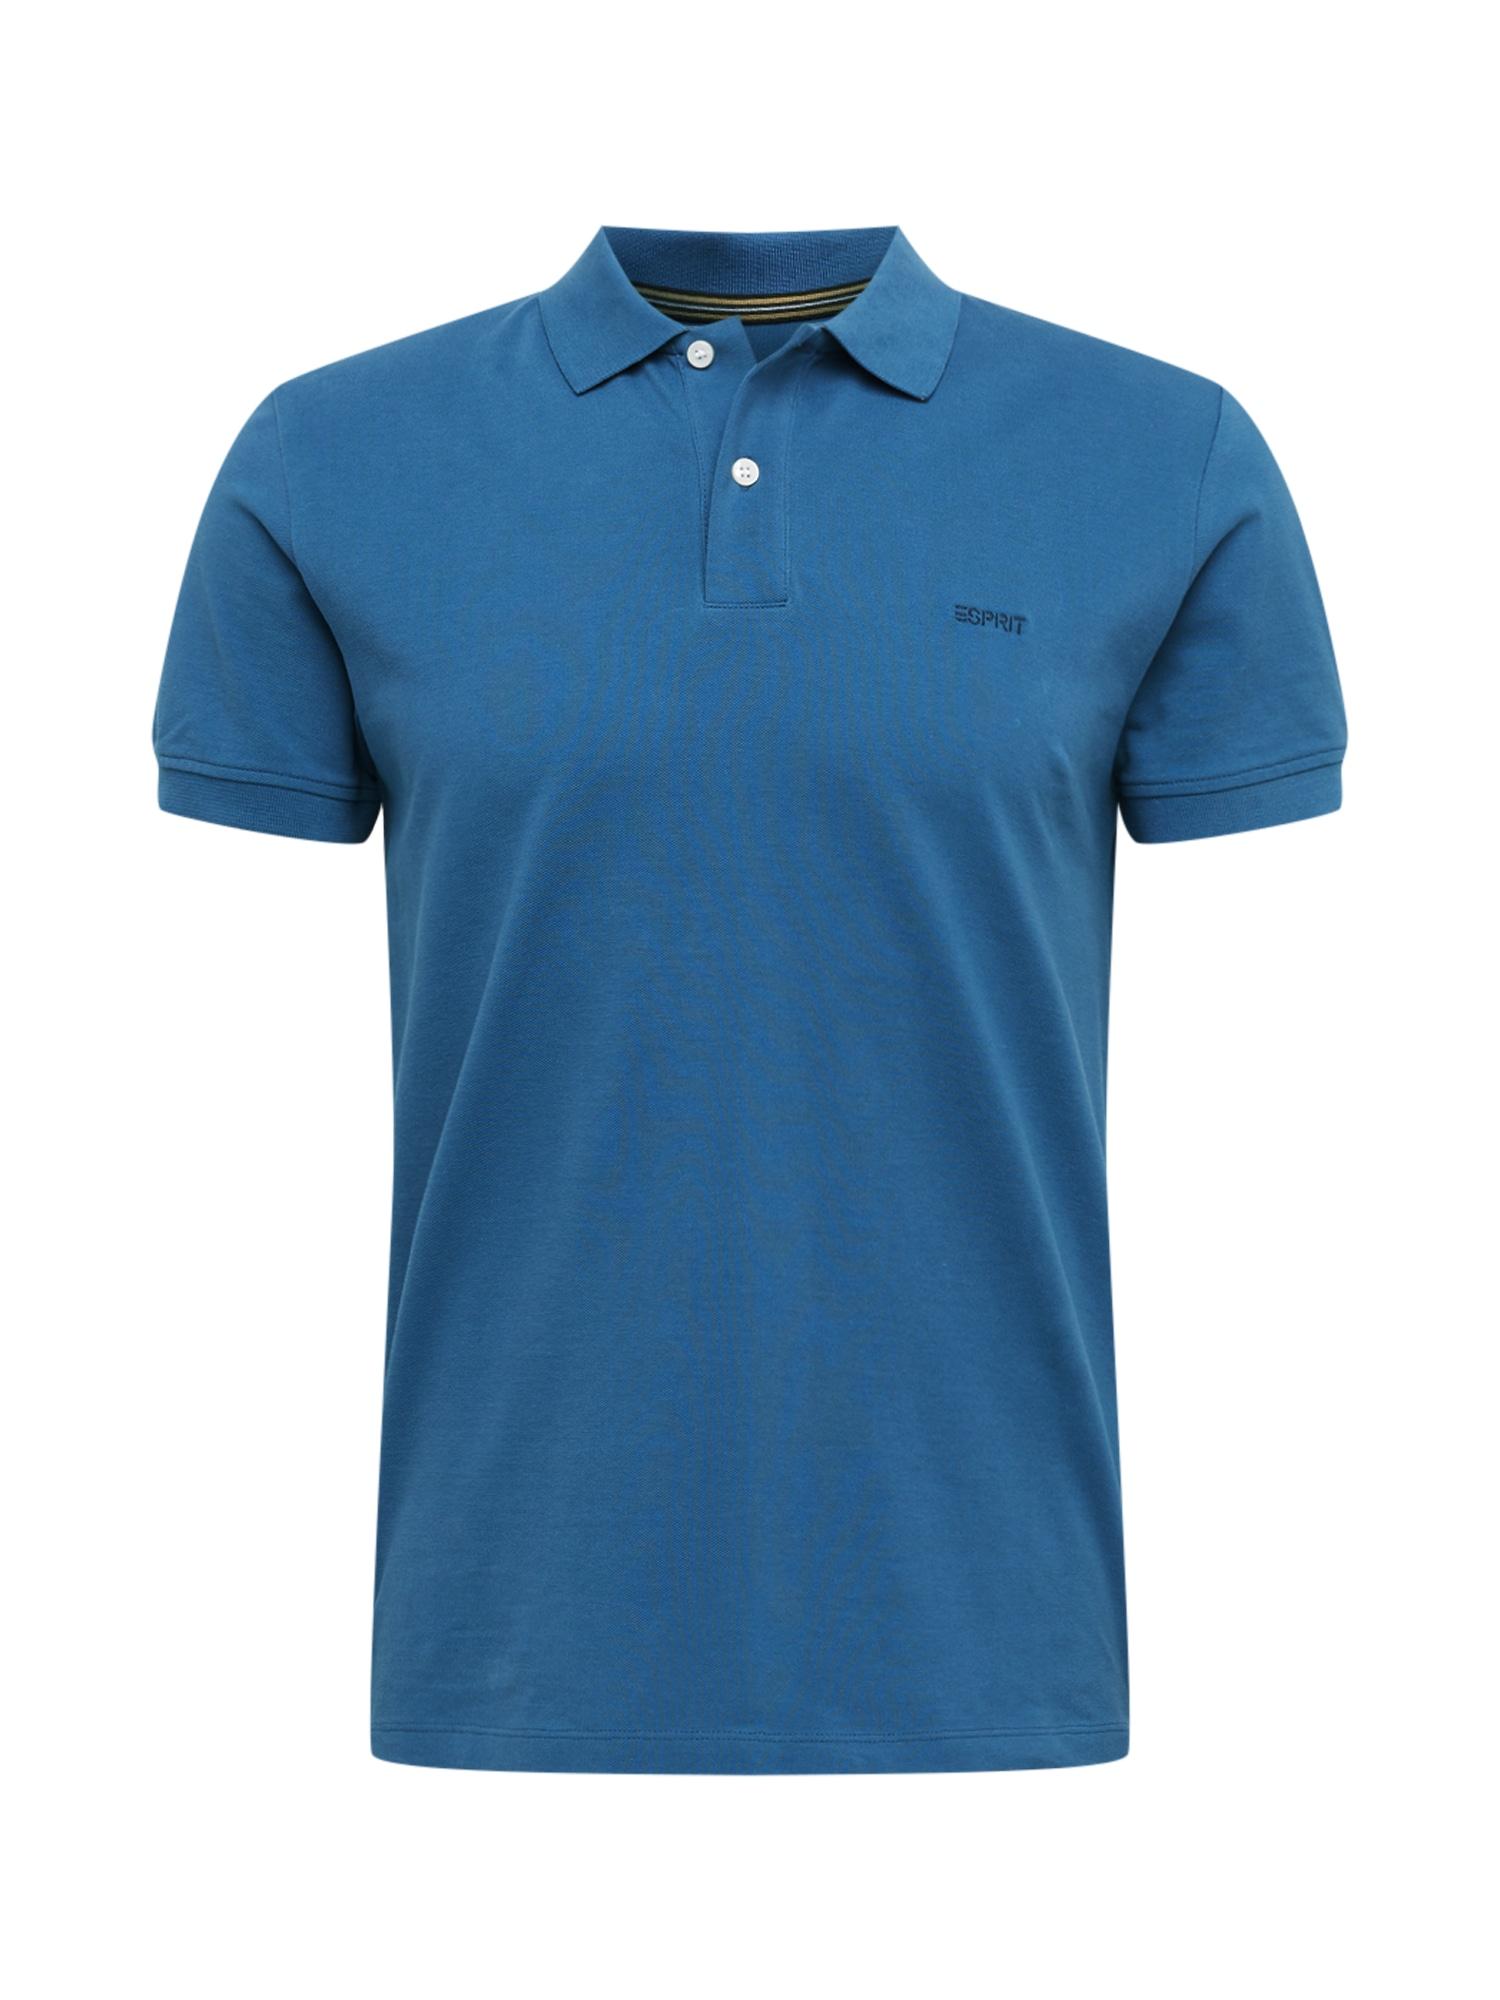 ESPRIT Marškinėliai mėlyna dūmų spalva